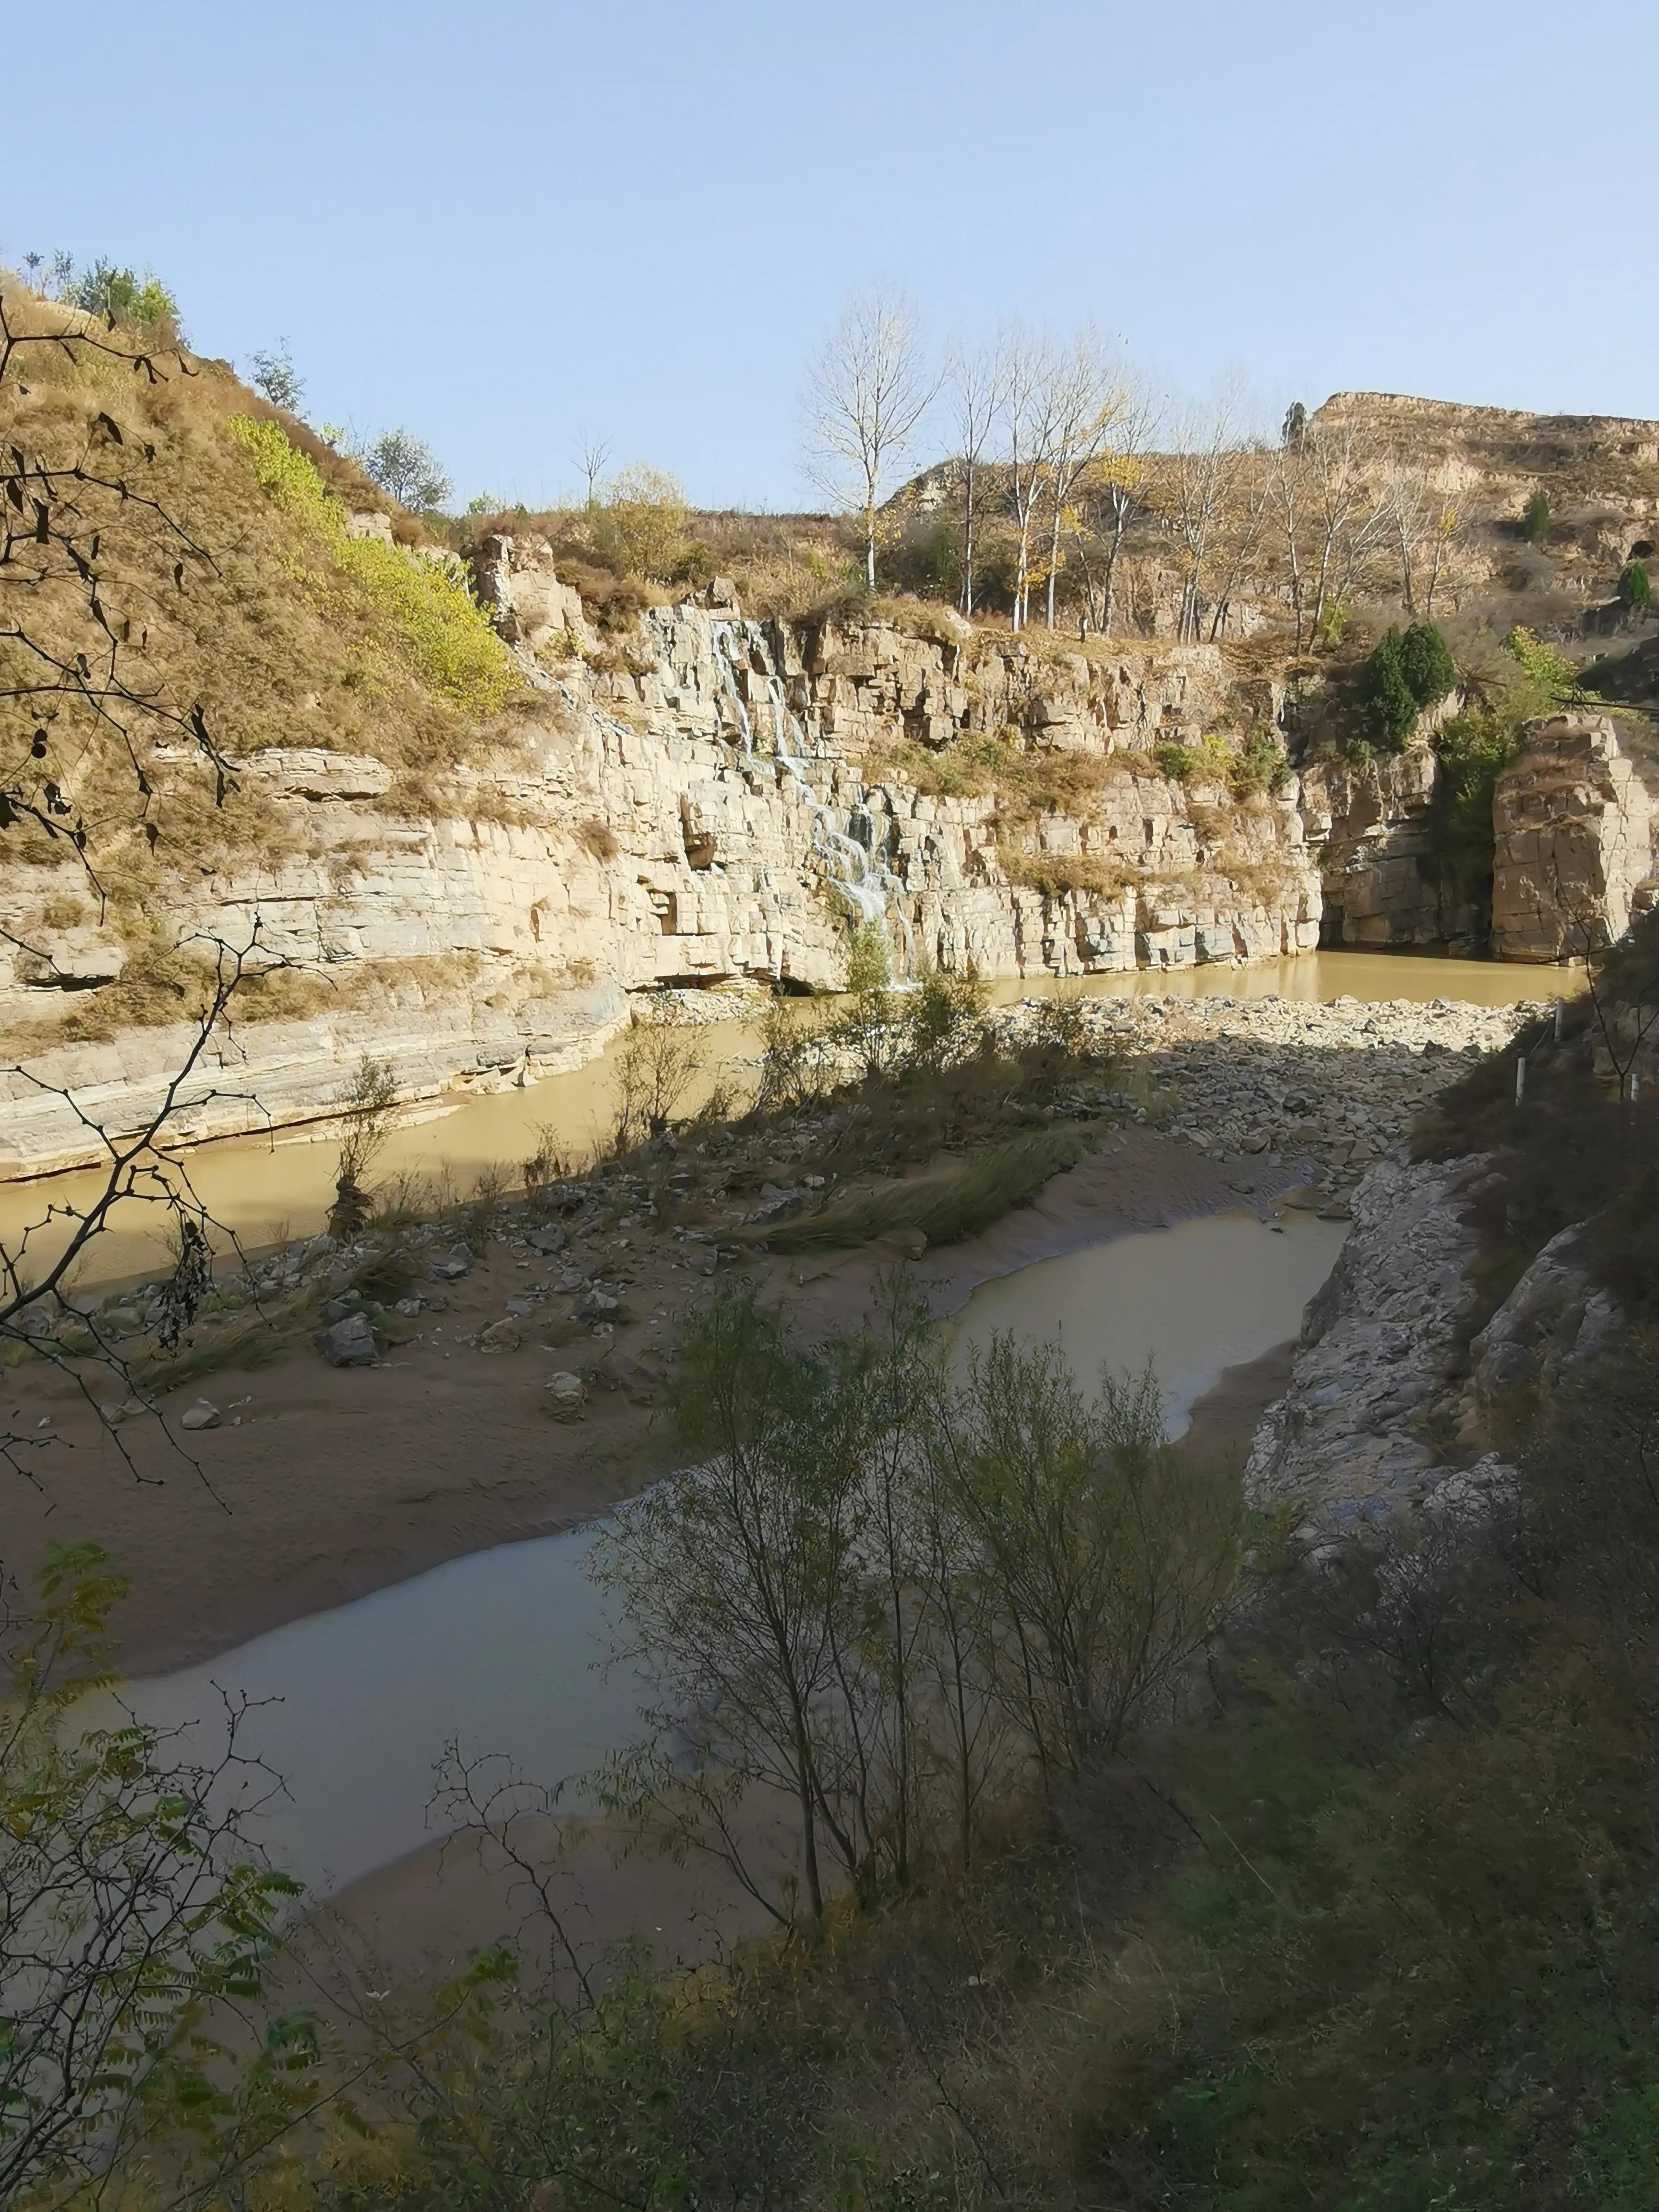 陕西蒲城洛河国家湿地公园,一个传承古代水利文明的地方